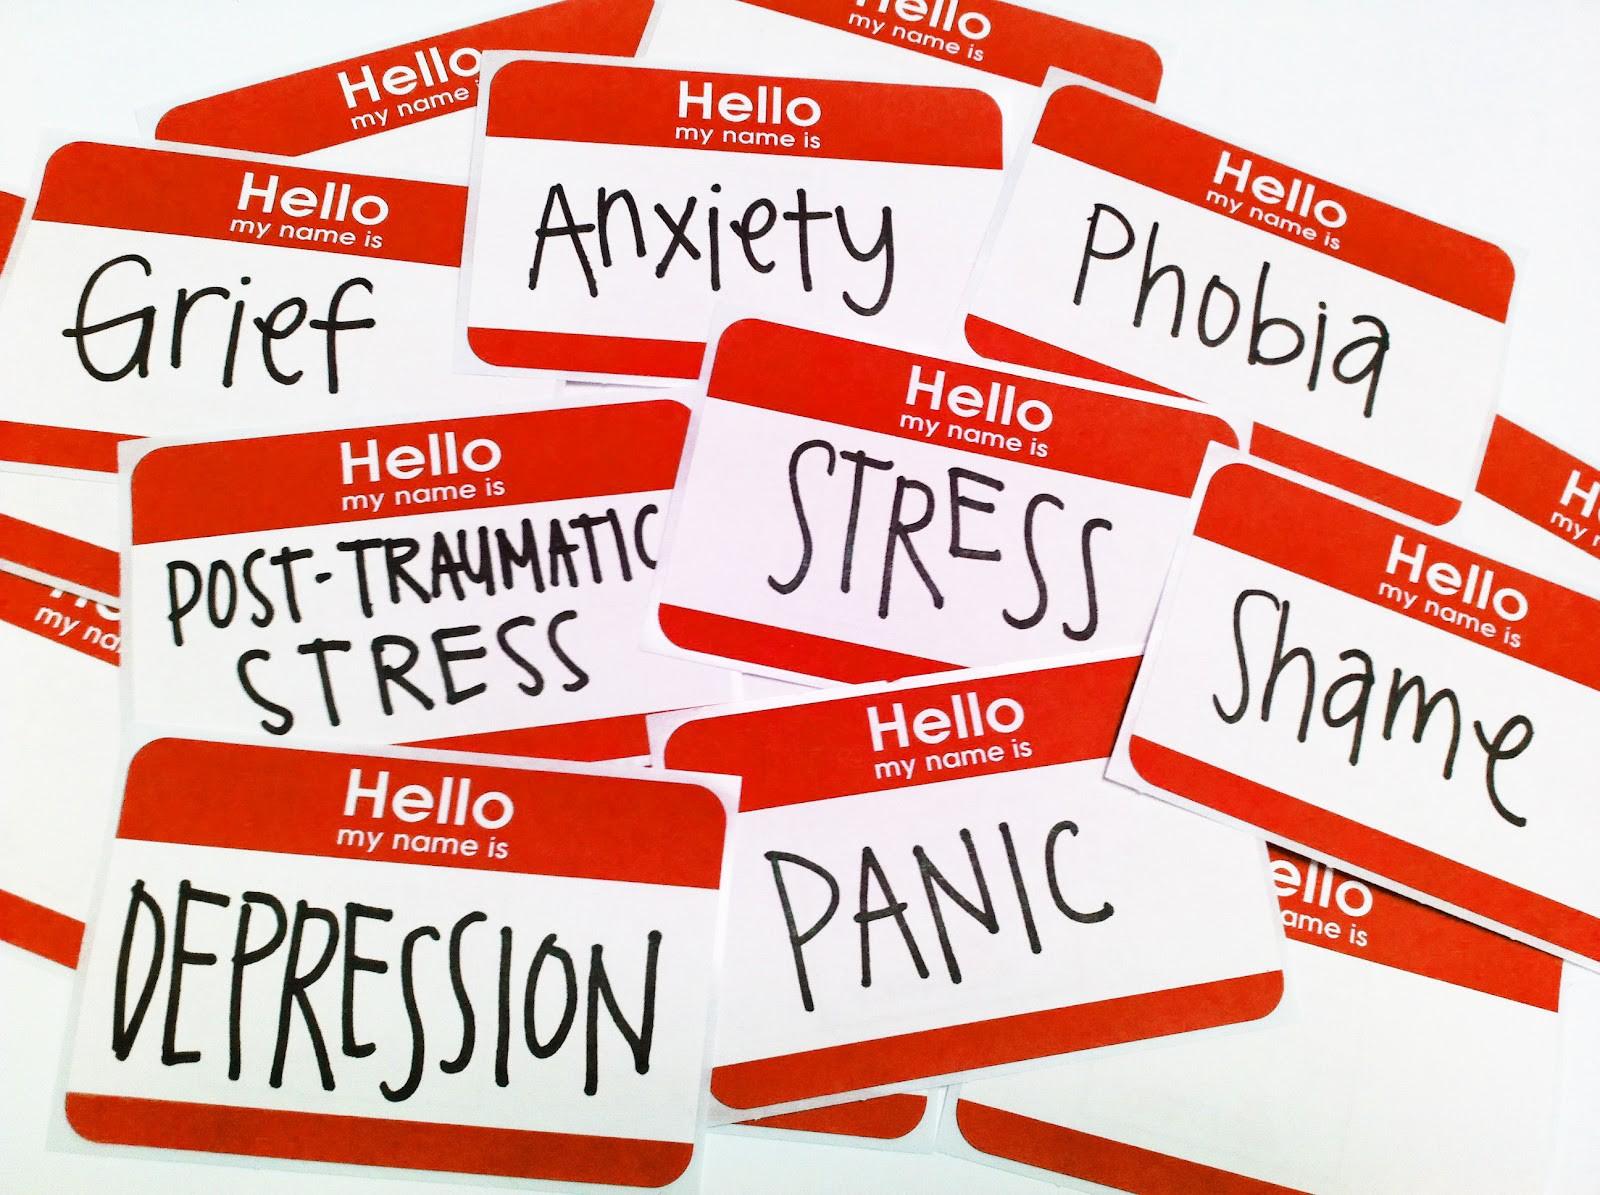 Khoa học xác minh: Sống một mình sẽ làm bạn tăng nguy cơ mắc bệnh tâm thần - Ảnh 3.